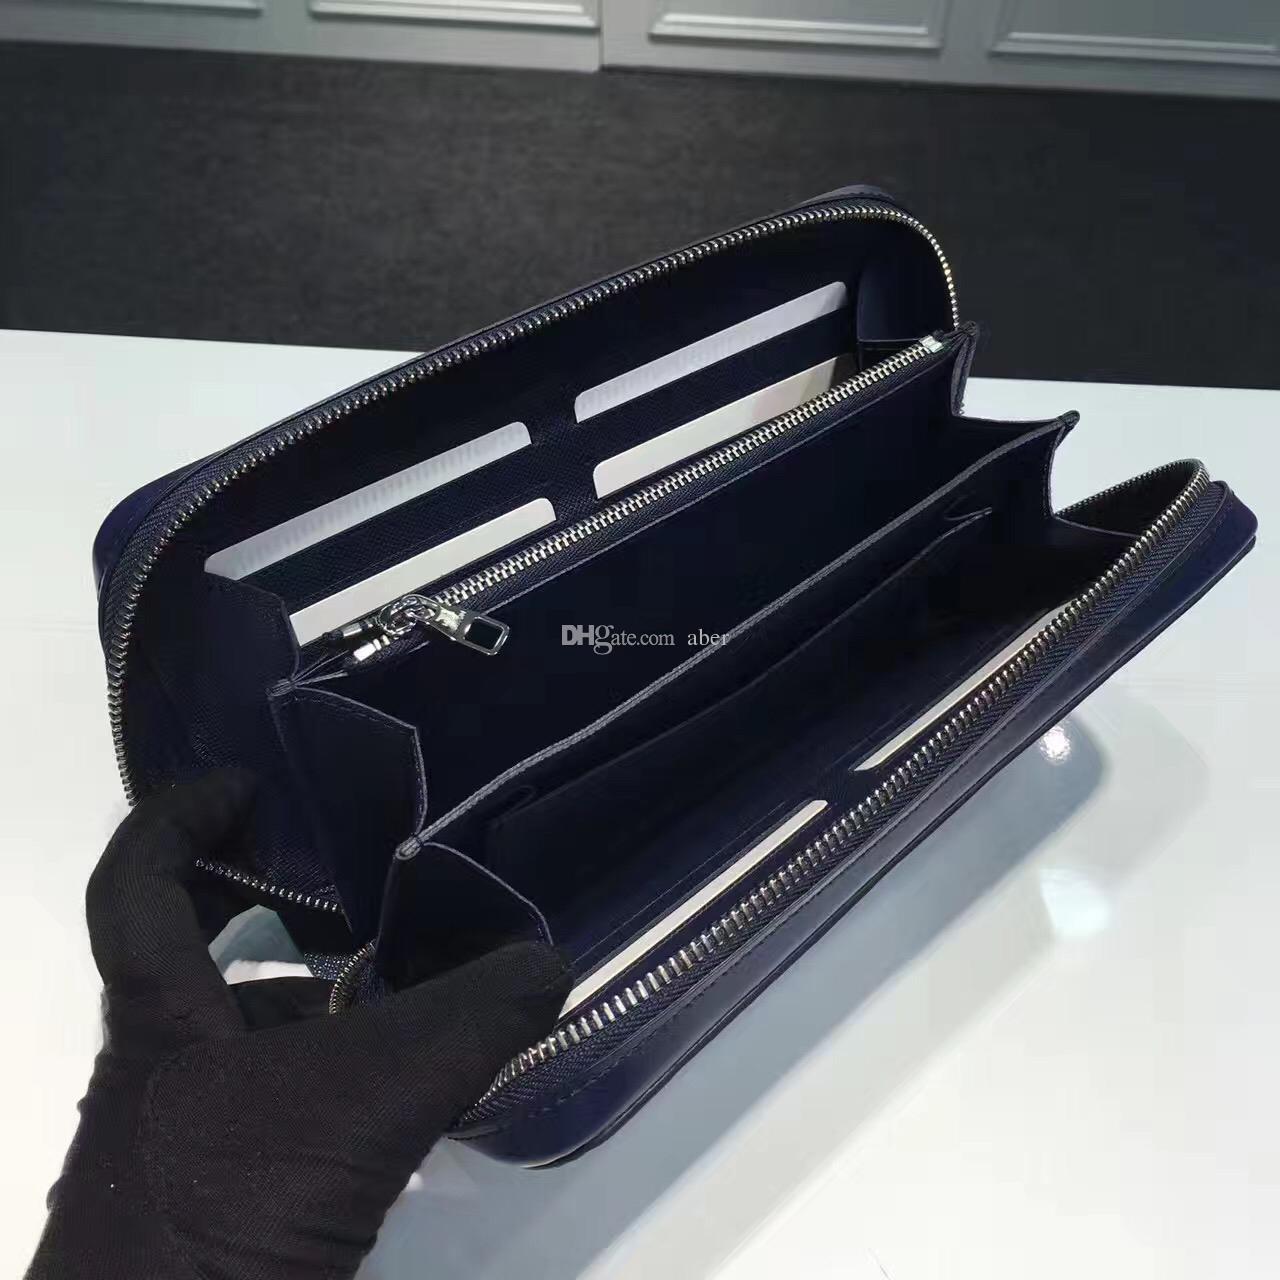 New Zippy XL Brieftasche runde reißverschluss reisetasche Schwarz Geldbörse Herren Echt Epi Leder M61506 Braun reisepass Halter designer Damier Ebene kupplung